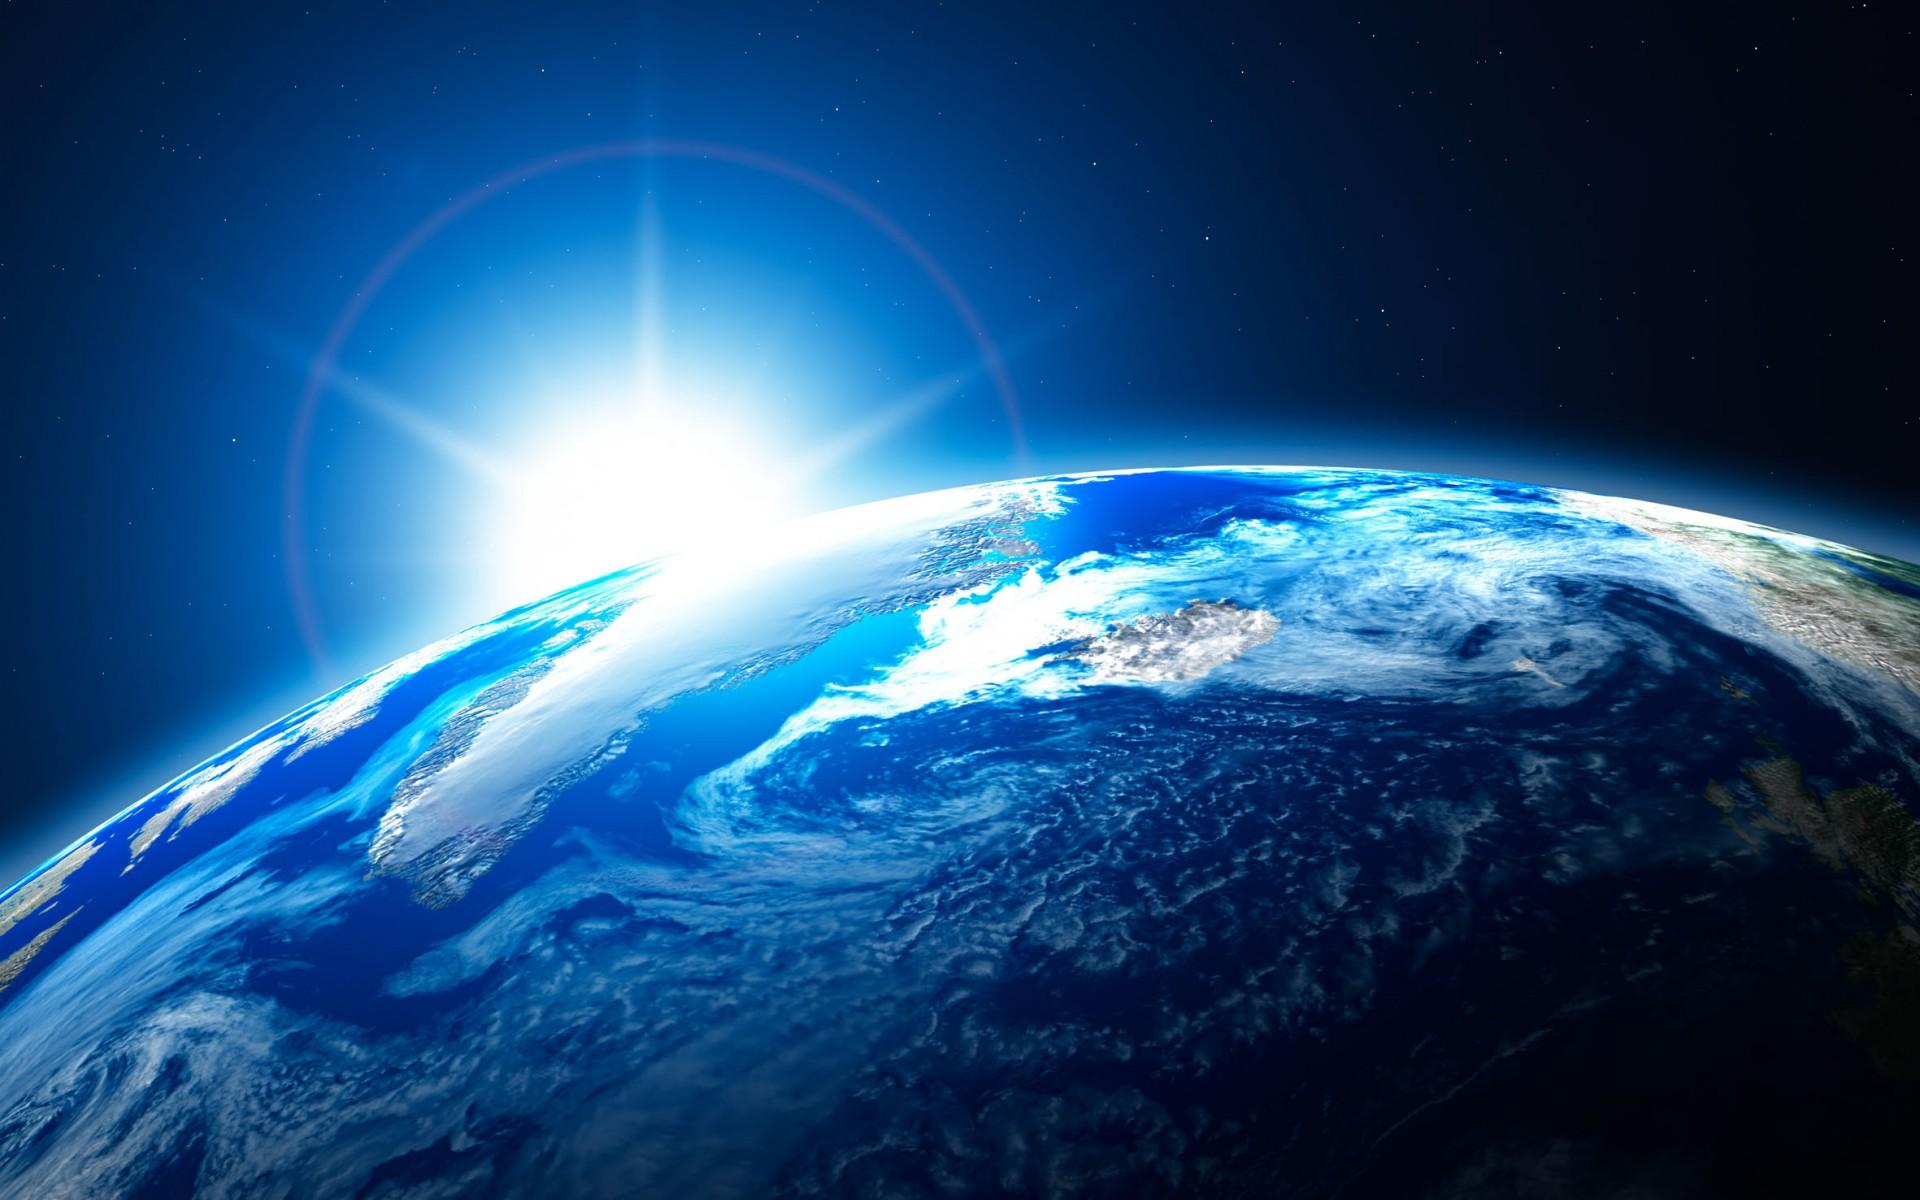 La terra fotografata dallo spazio 91